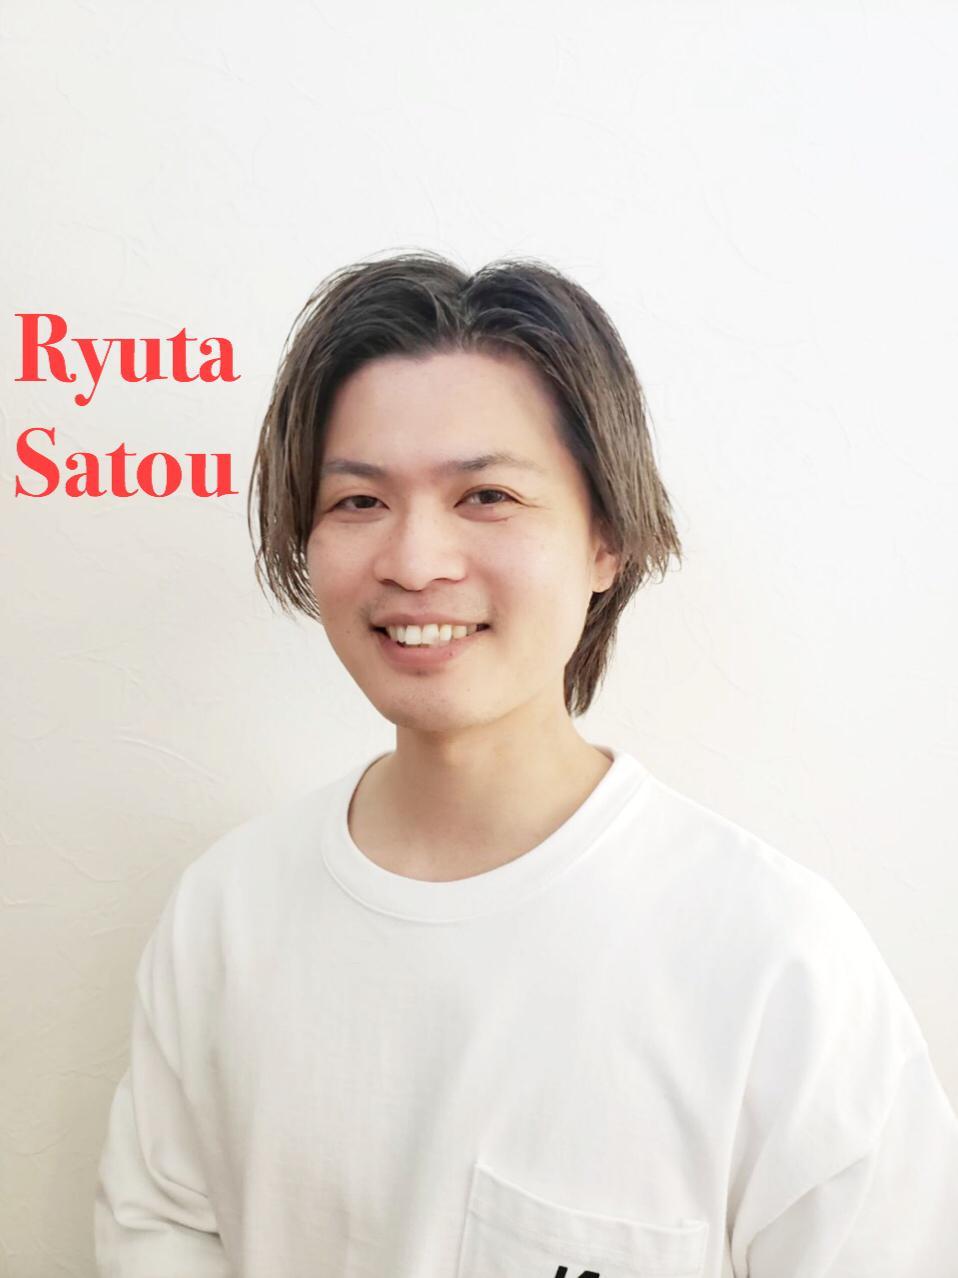 店長の佐藤です。バレイヤージュなどの高度なカラーが得意です。